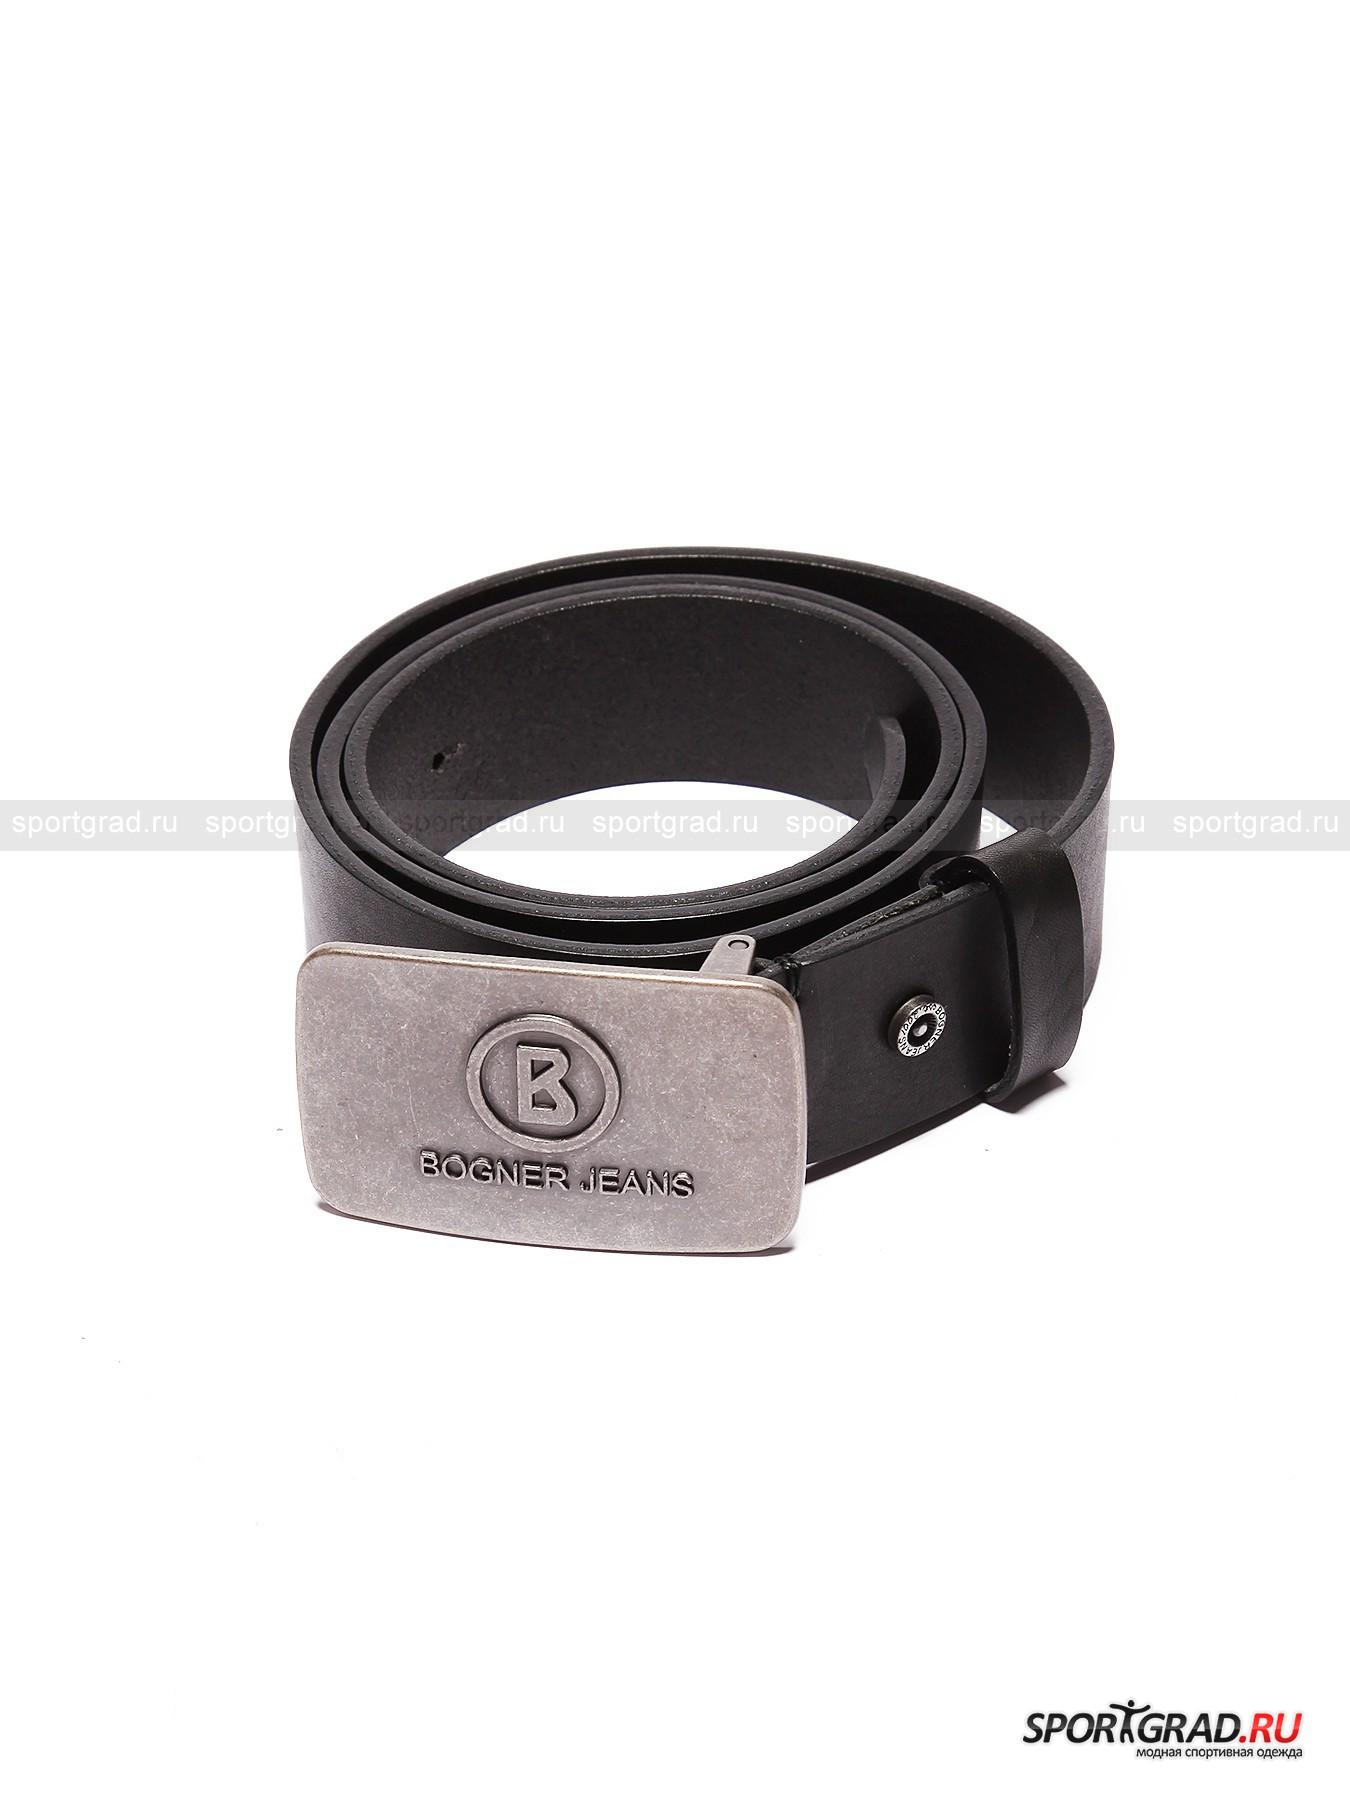 Ремень мужской Logo Buckle Belt BOGNER JEANS от Спортград